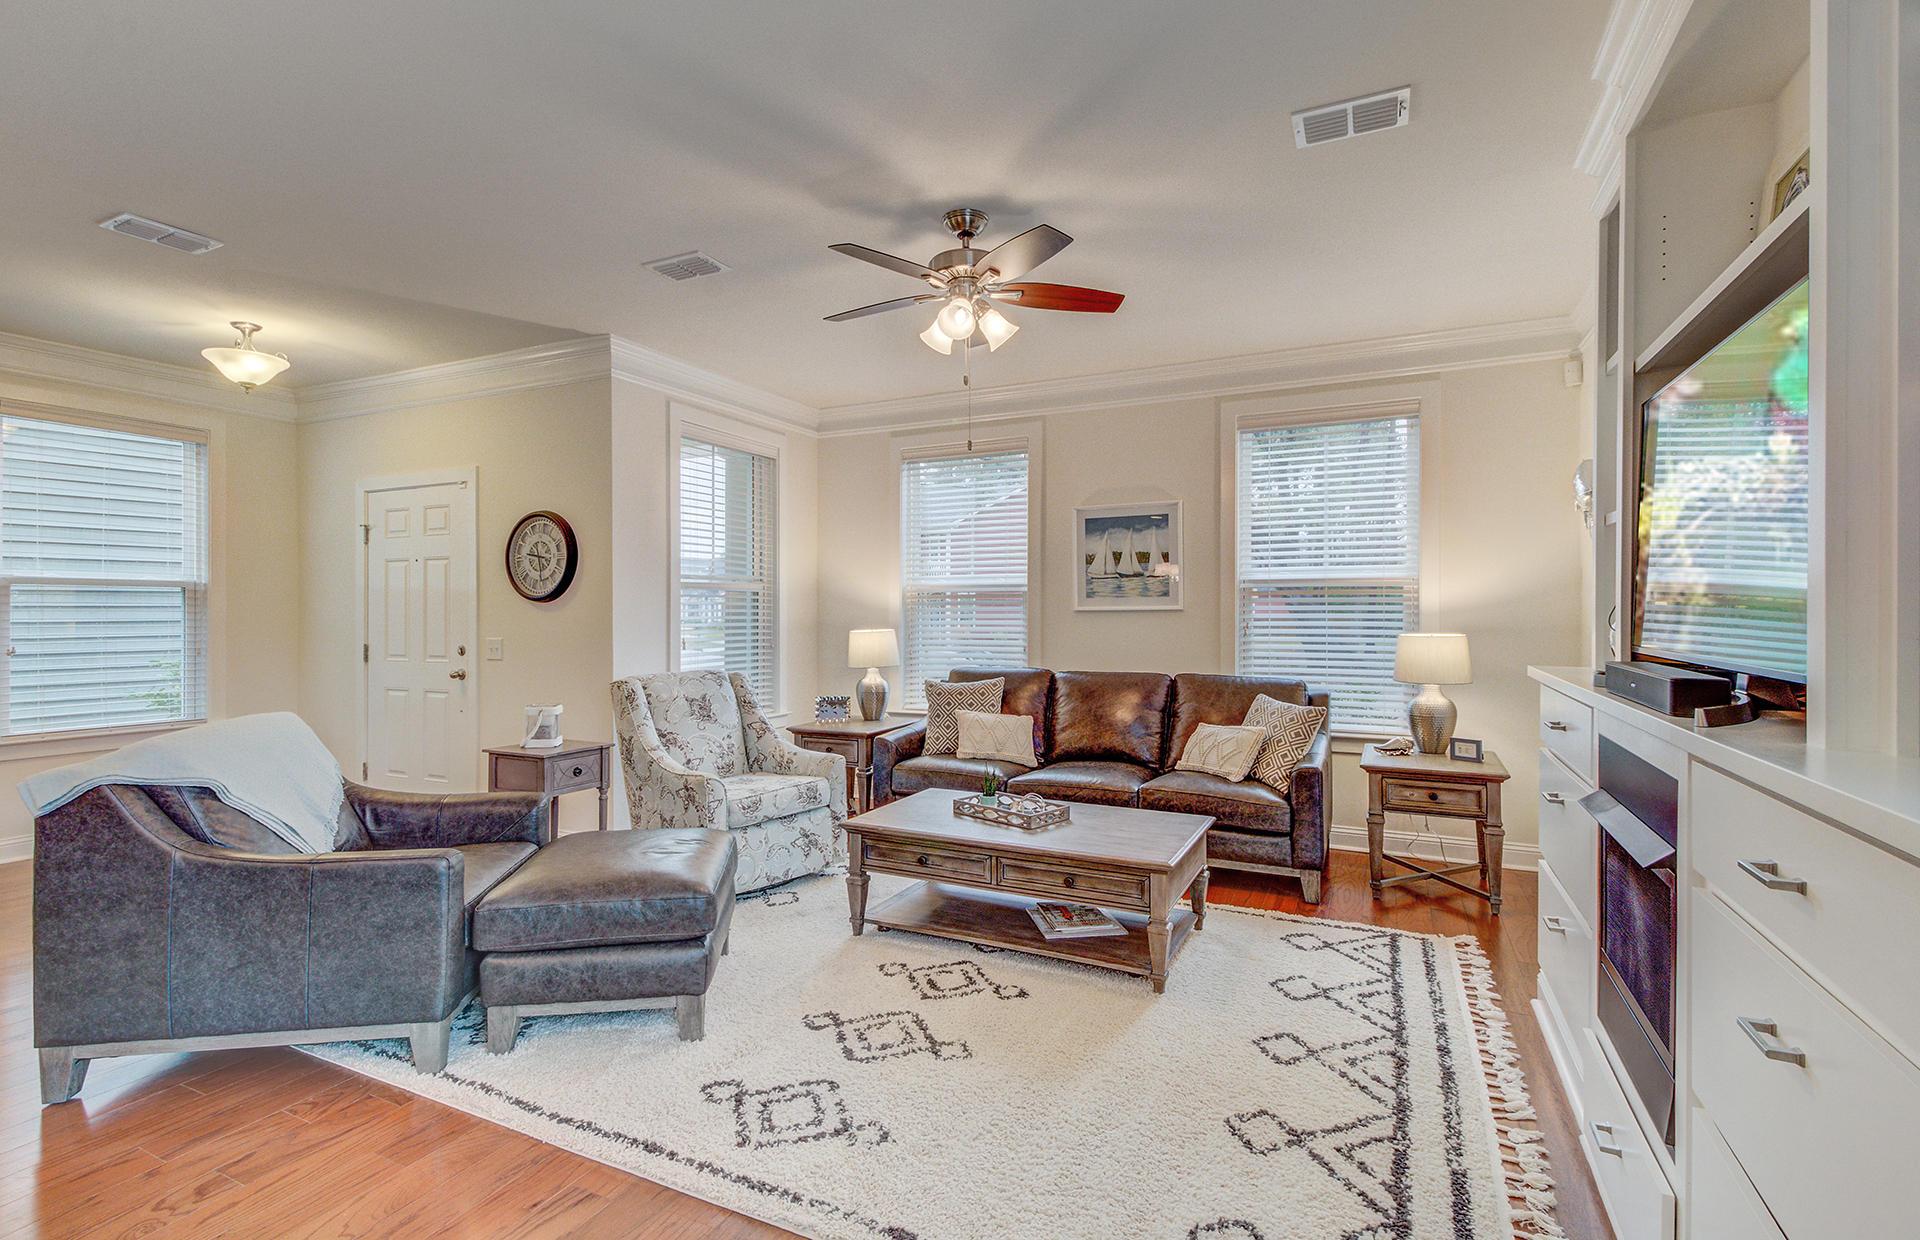 Boltons Landing Homes For Sale - 3143 Moonlight, Charleston, SC - 31